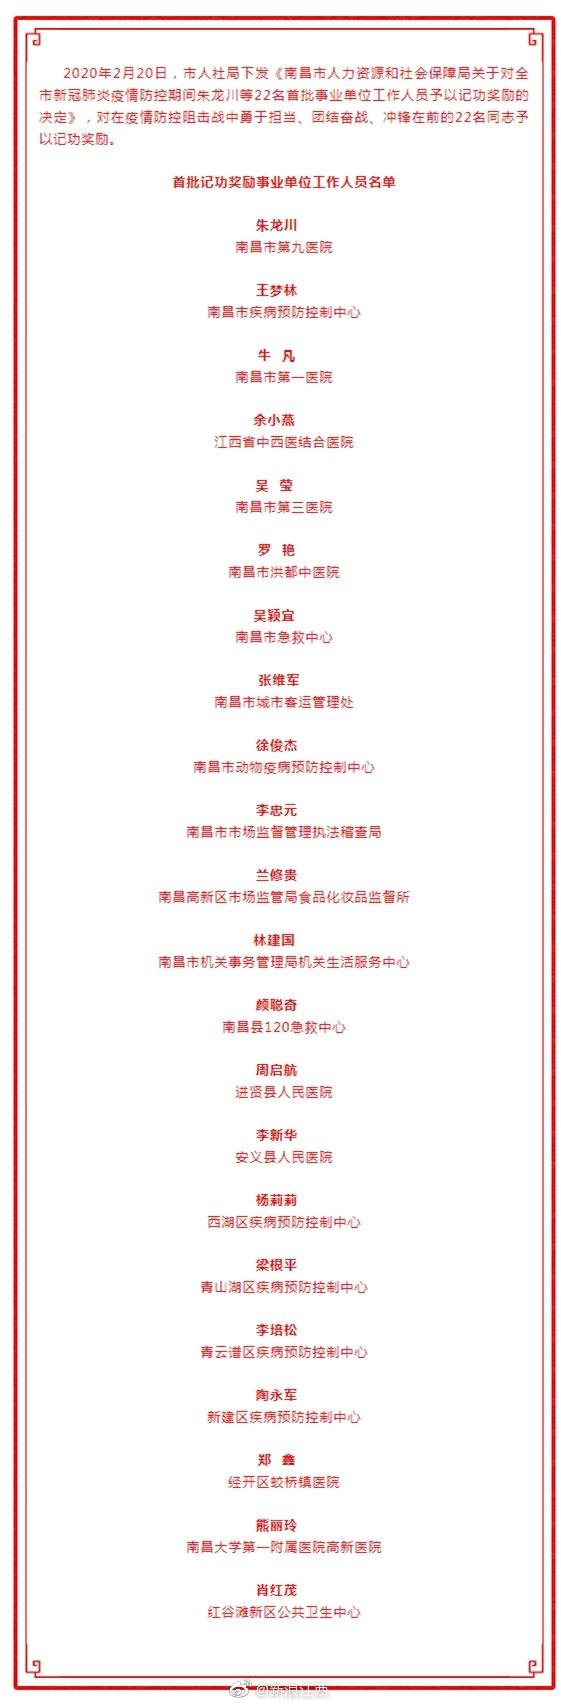 南昌市首批记功奖励事业单位工作人员名单出炉